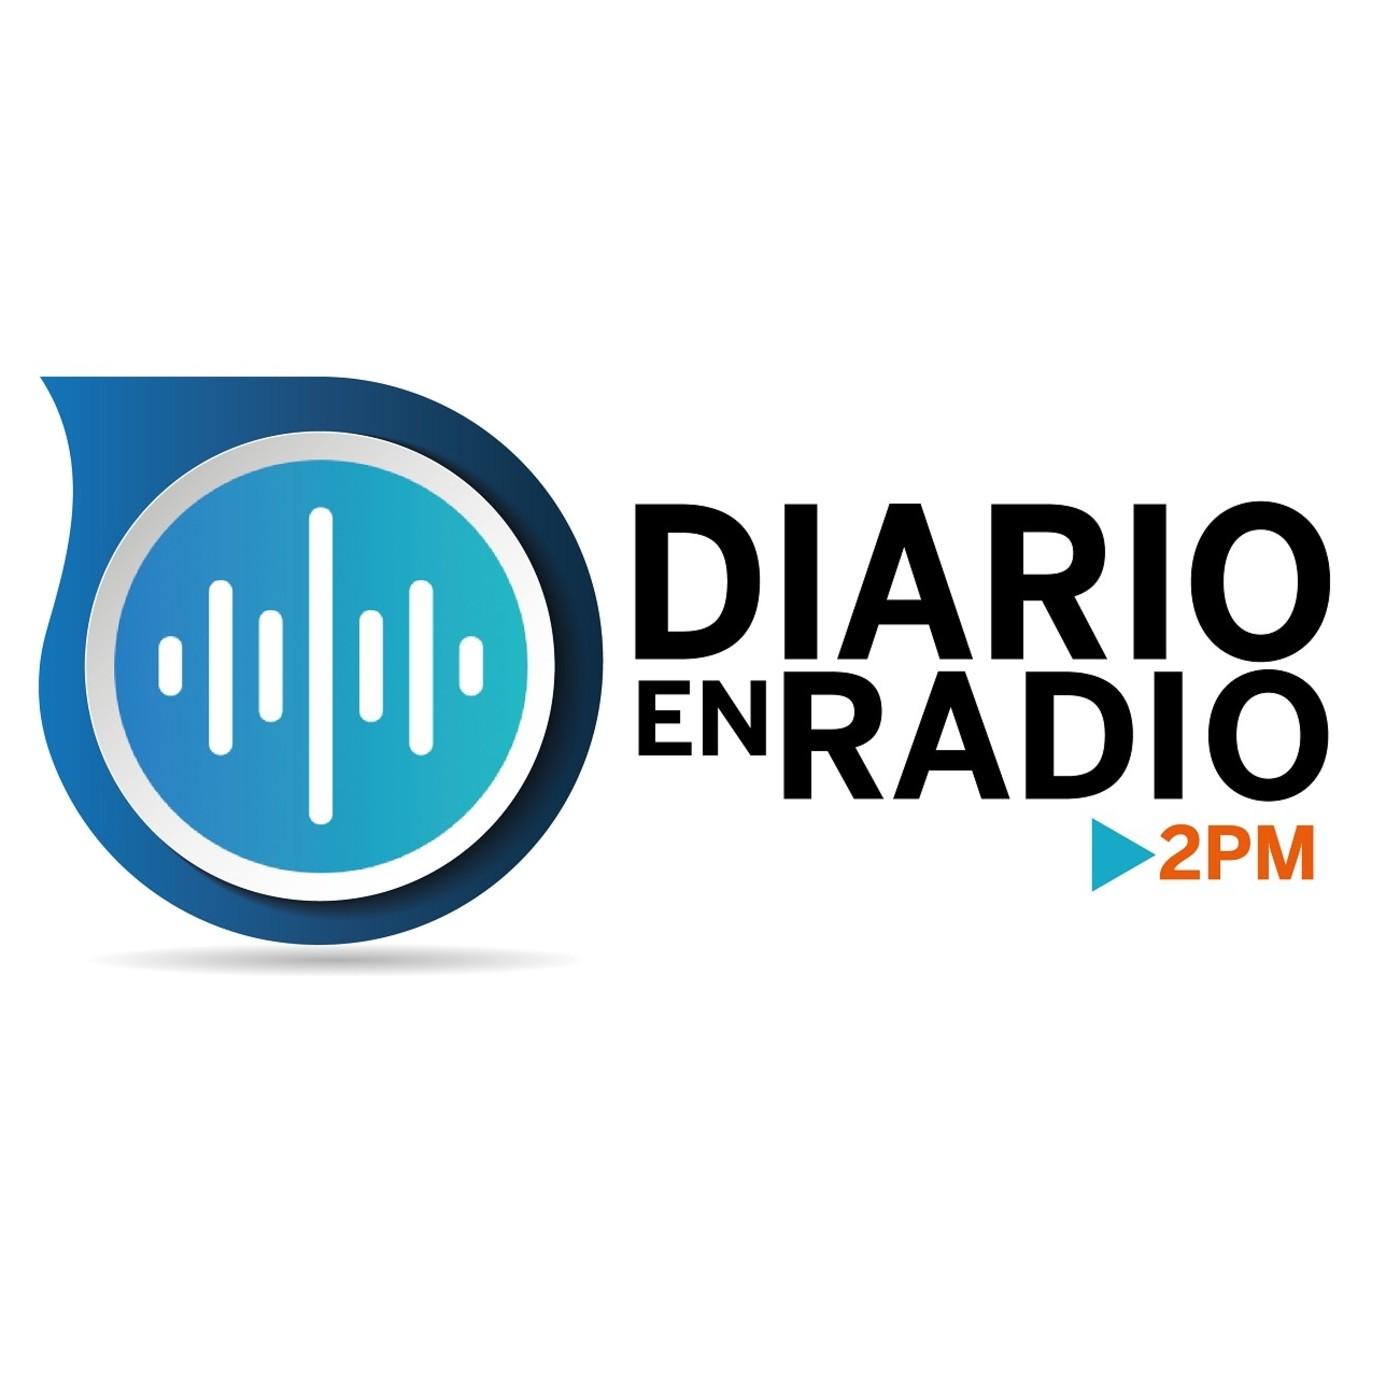 Diario en Radio WE: Programa 17 de Abril 2019 en WE RADIO en mp3(18 ...